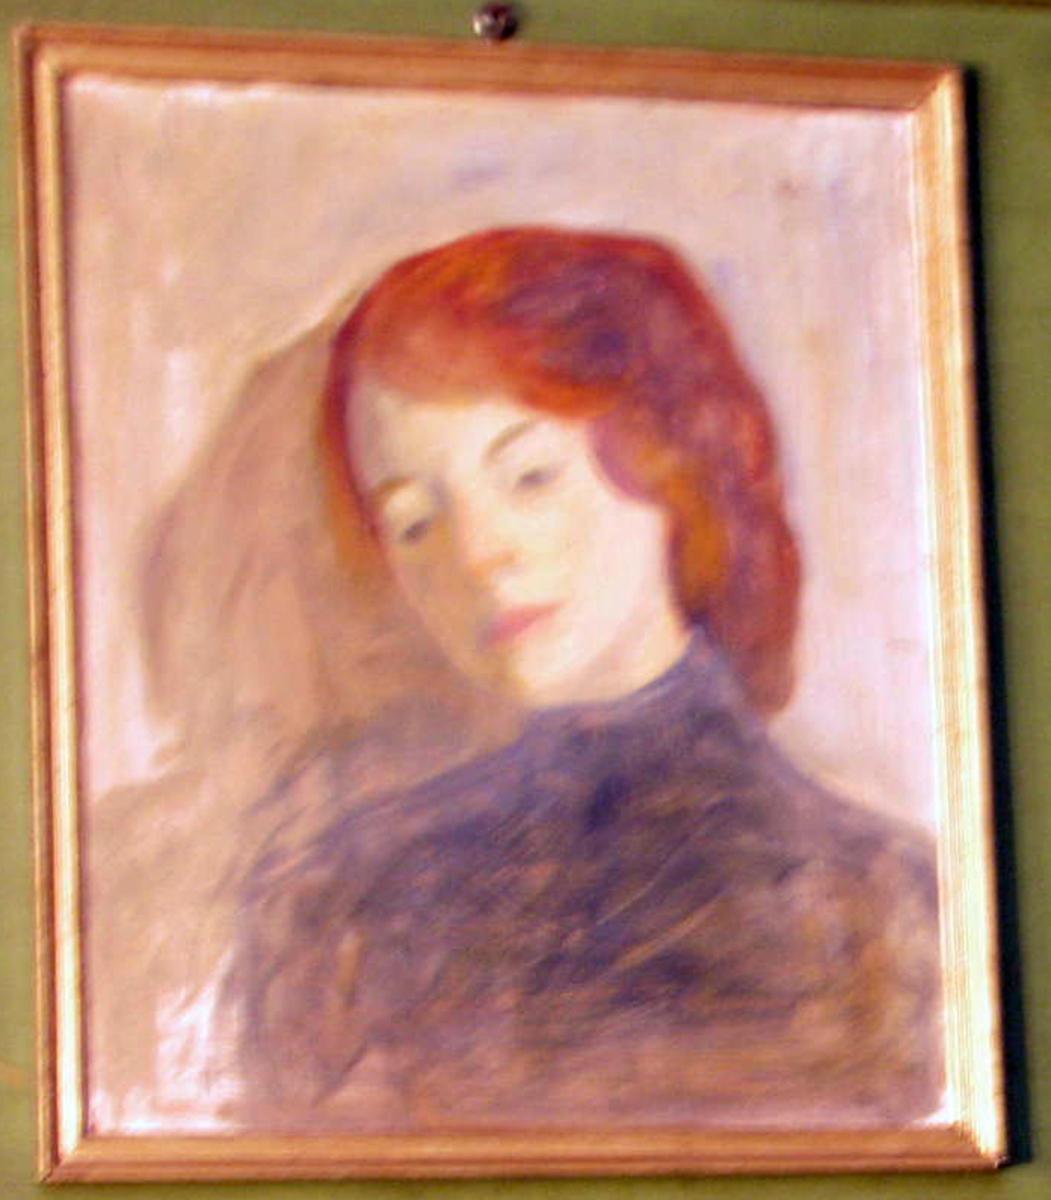 Rektangulært. Kv., brystbilde, ansikt venstrev., hode bøyd, rødlig hår, gråblå kjole, grå bakgr.